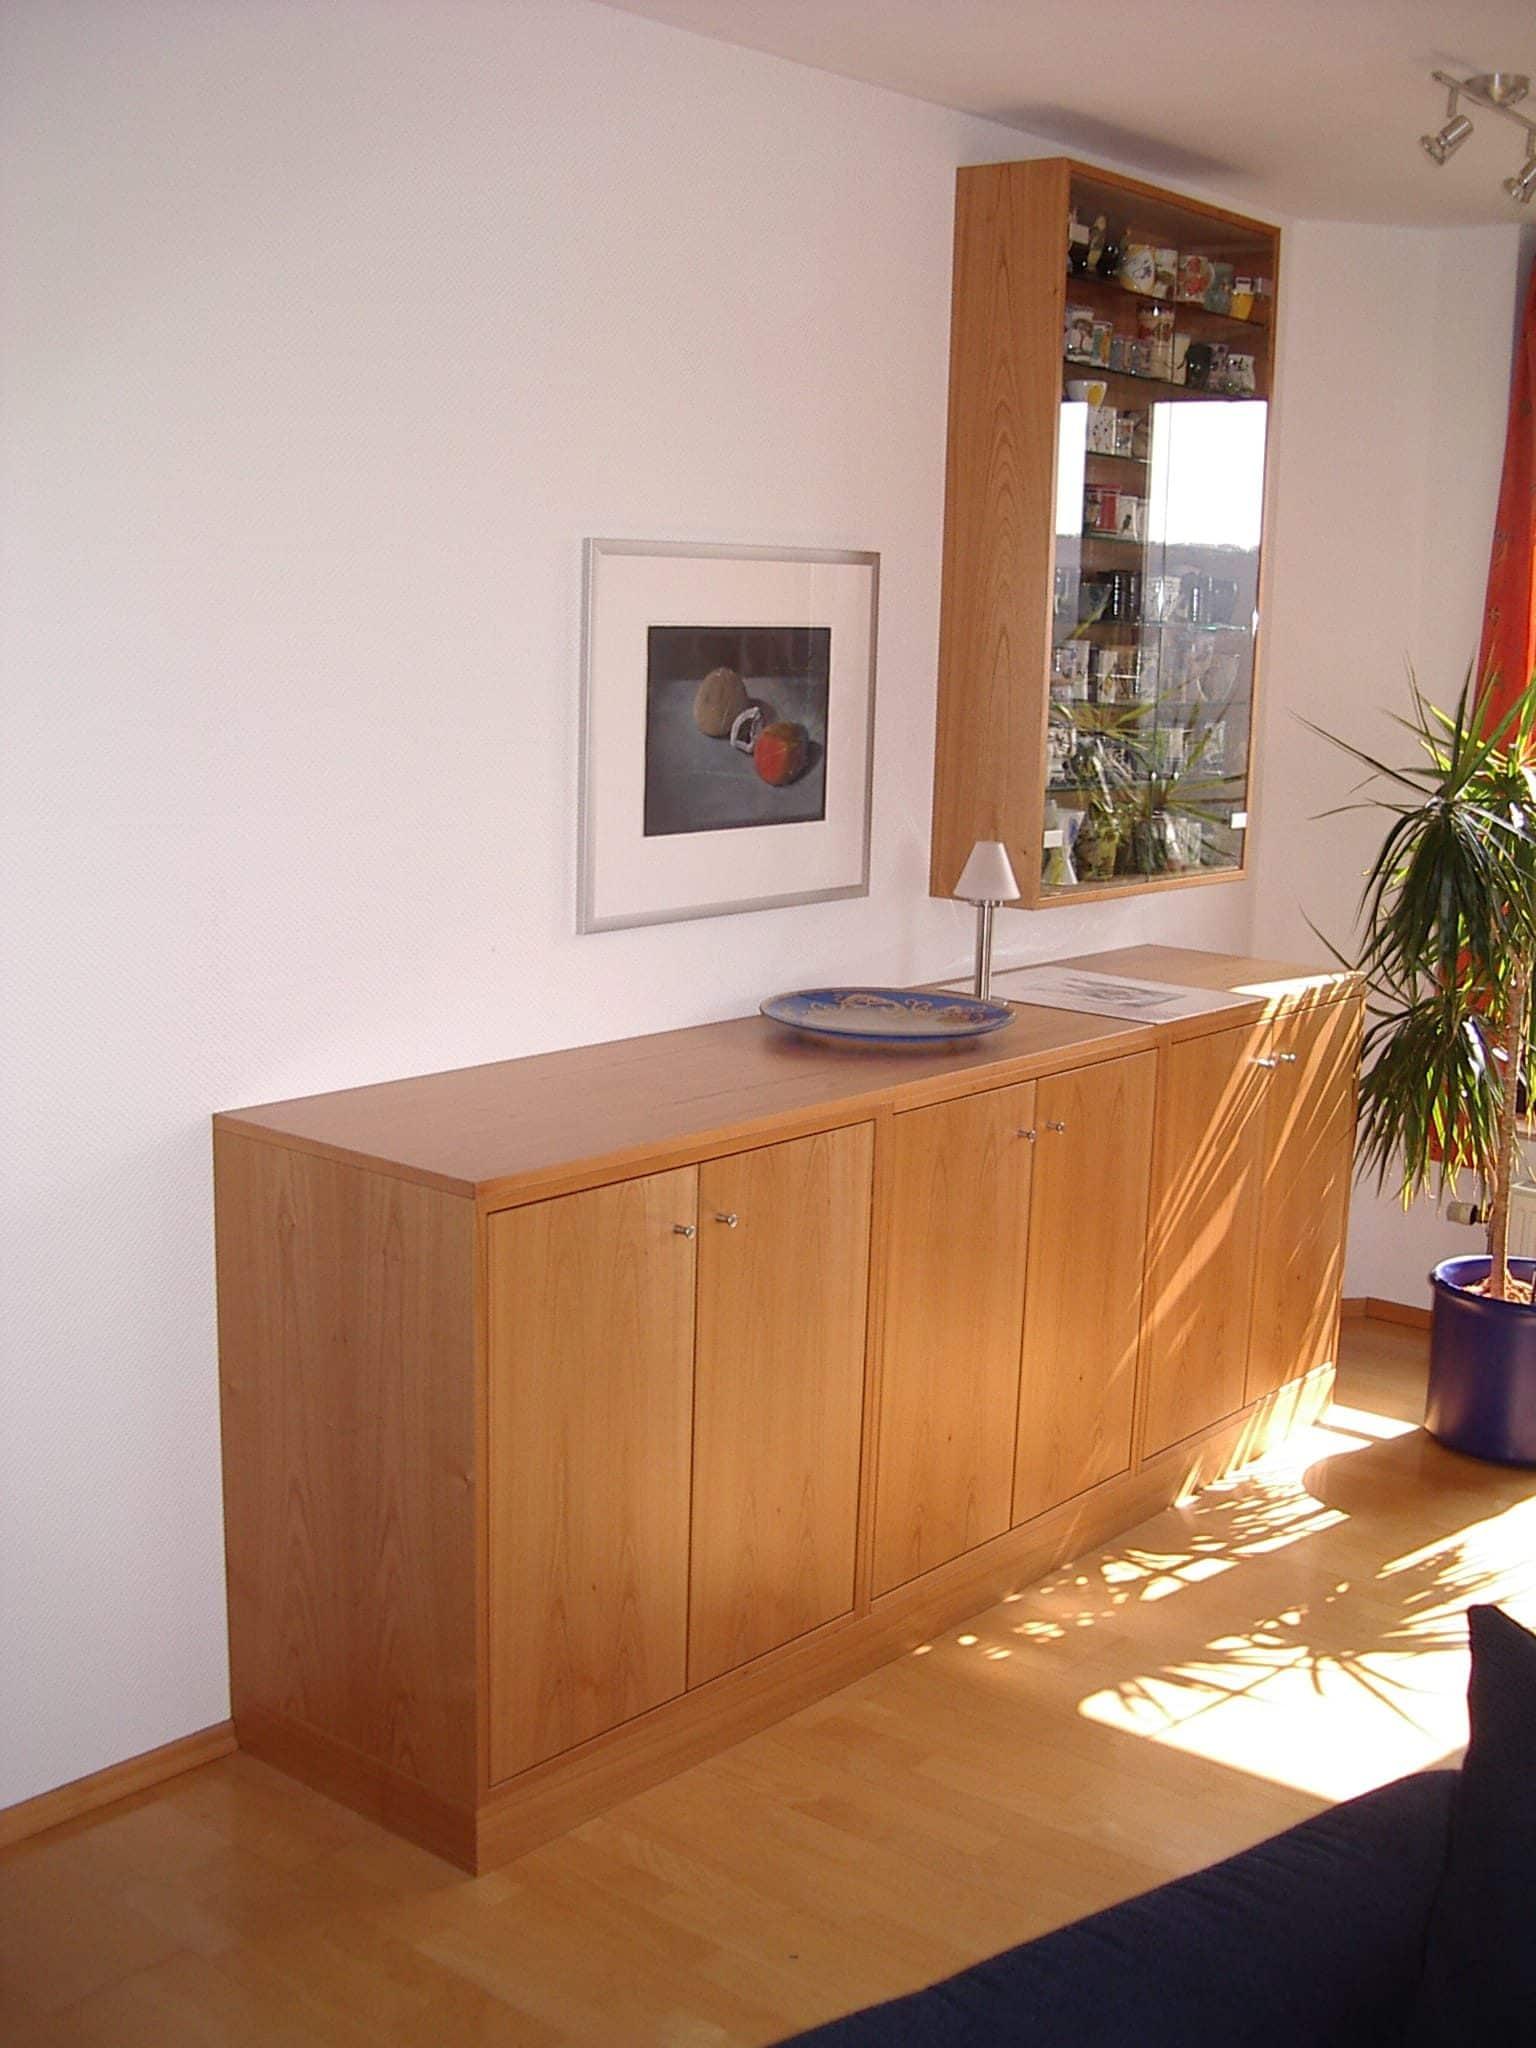 tischlerei-hanses-essen-moebel-handwerk-wohnraum-19